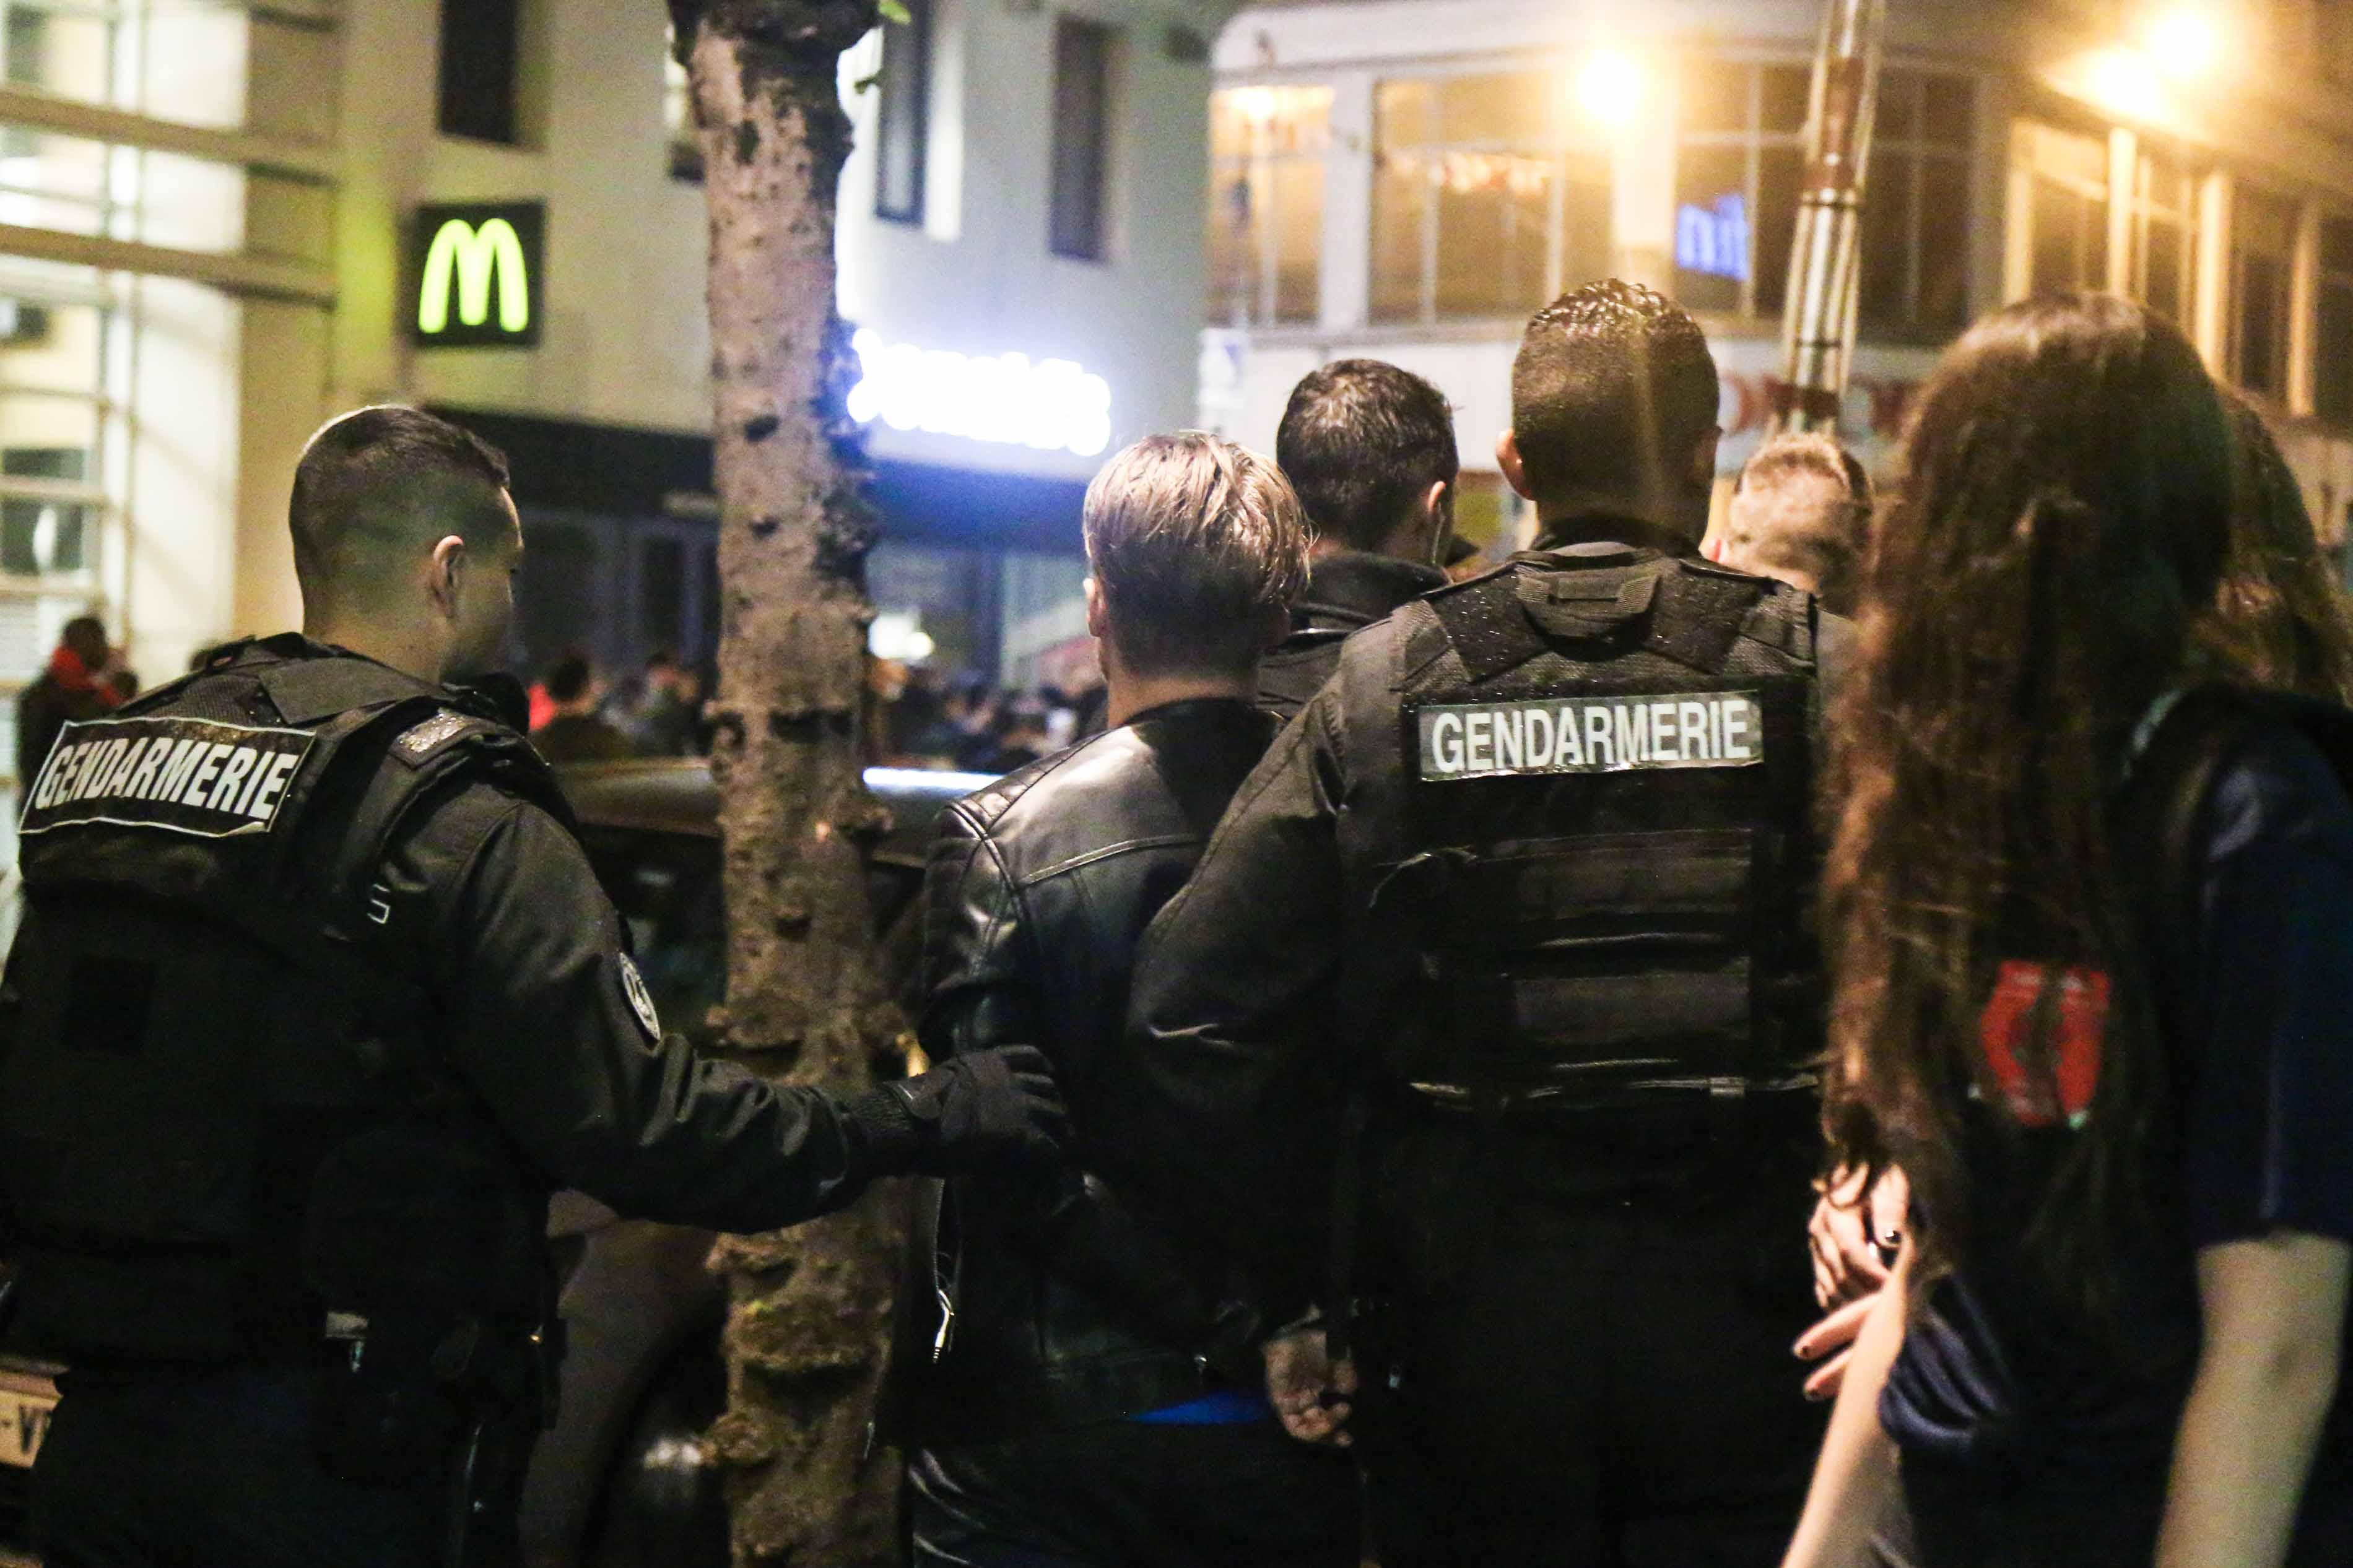 Un homme est interpellé par des gendarmes à la station de métro La Motte Piquet Grenelle le 3 juillet 2016 à Paris.